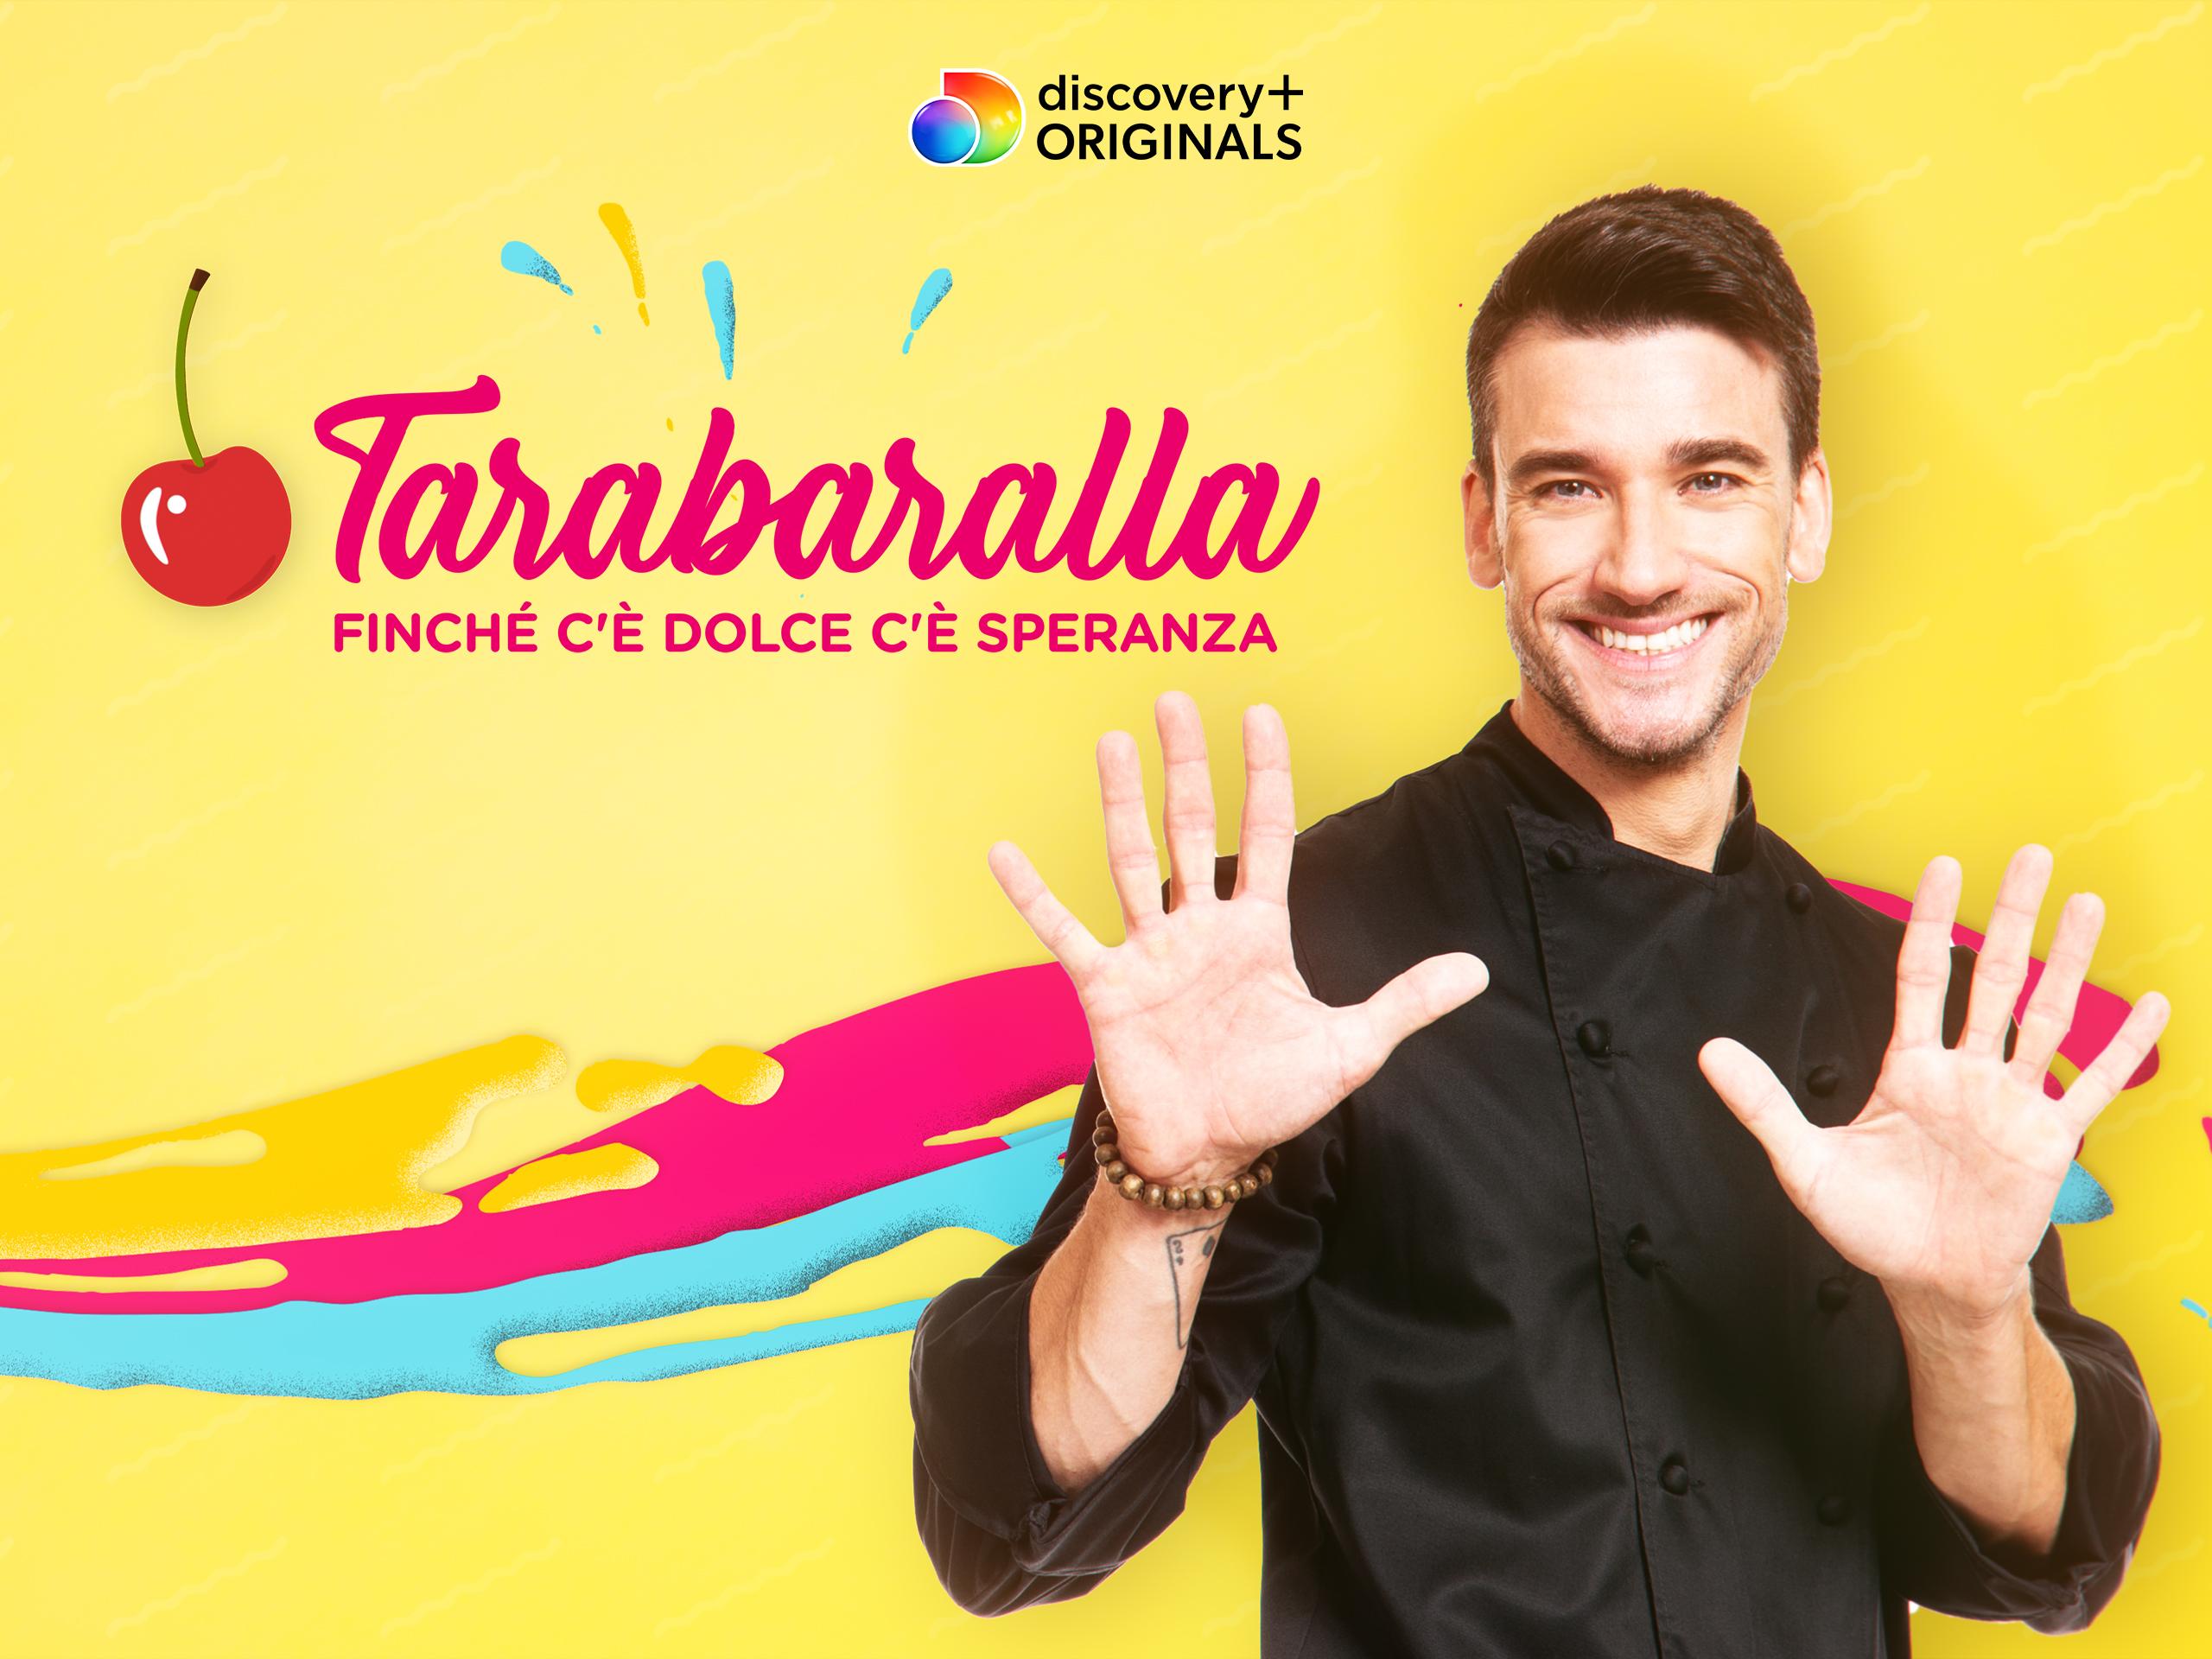 Tarabaralla – Finché c'è dolce c'è speranza